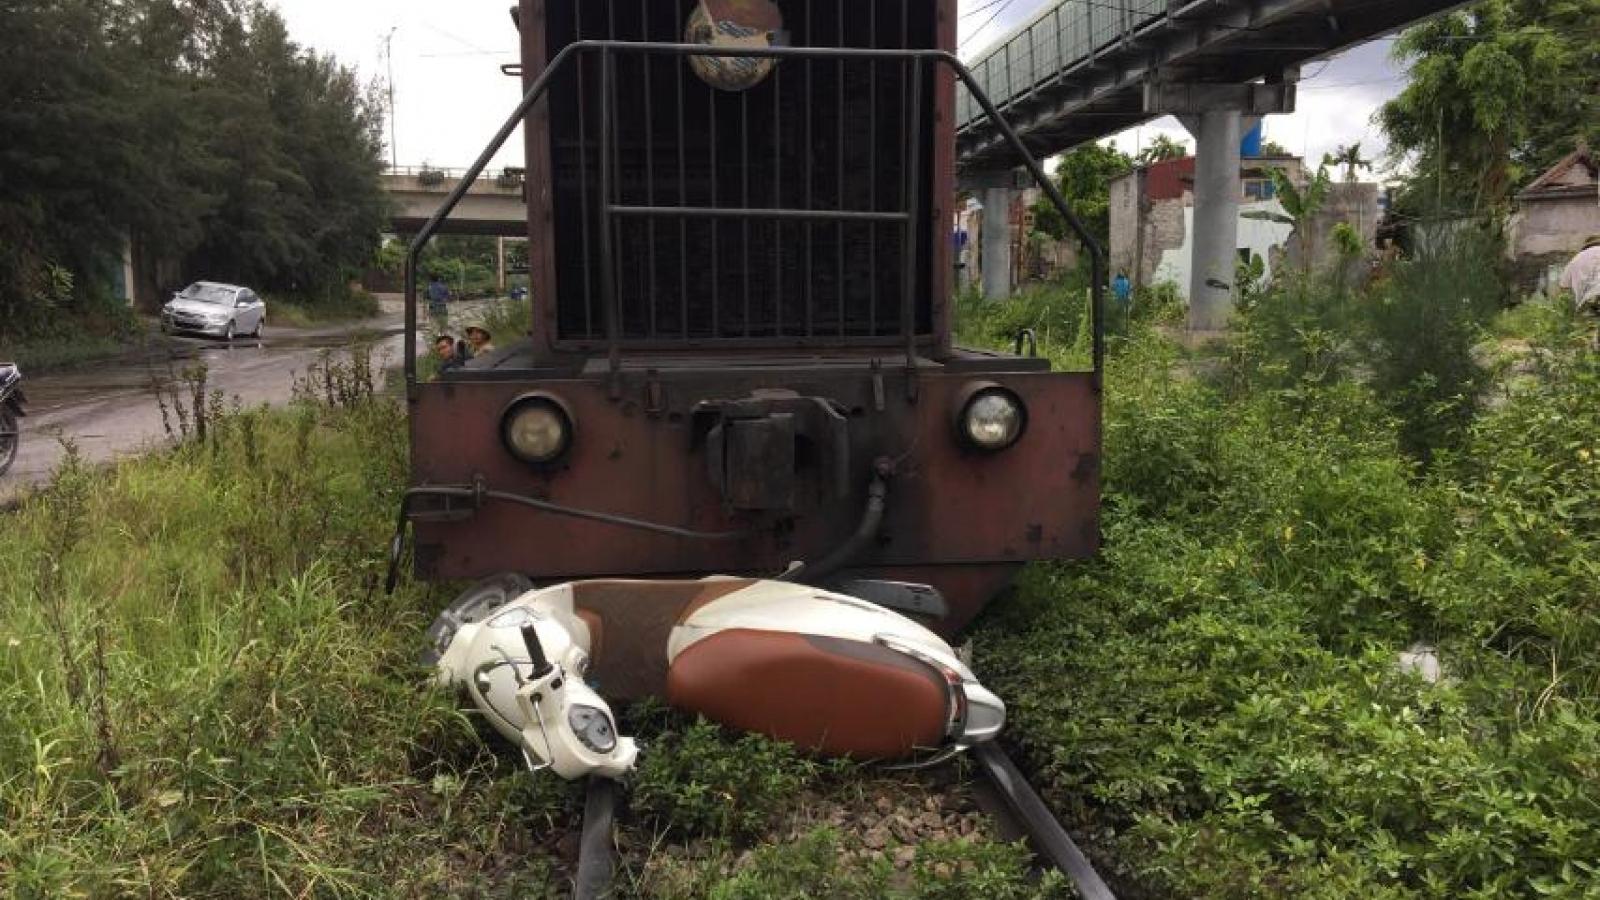 Vượt đường ngang, xe máy bị tàu hỏa kéo theo lê một đoạn